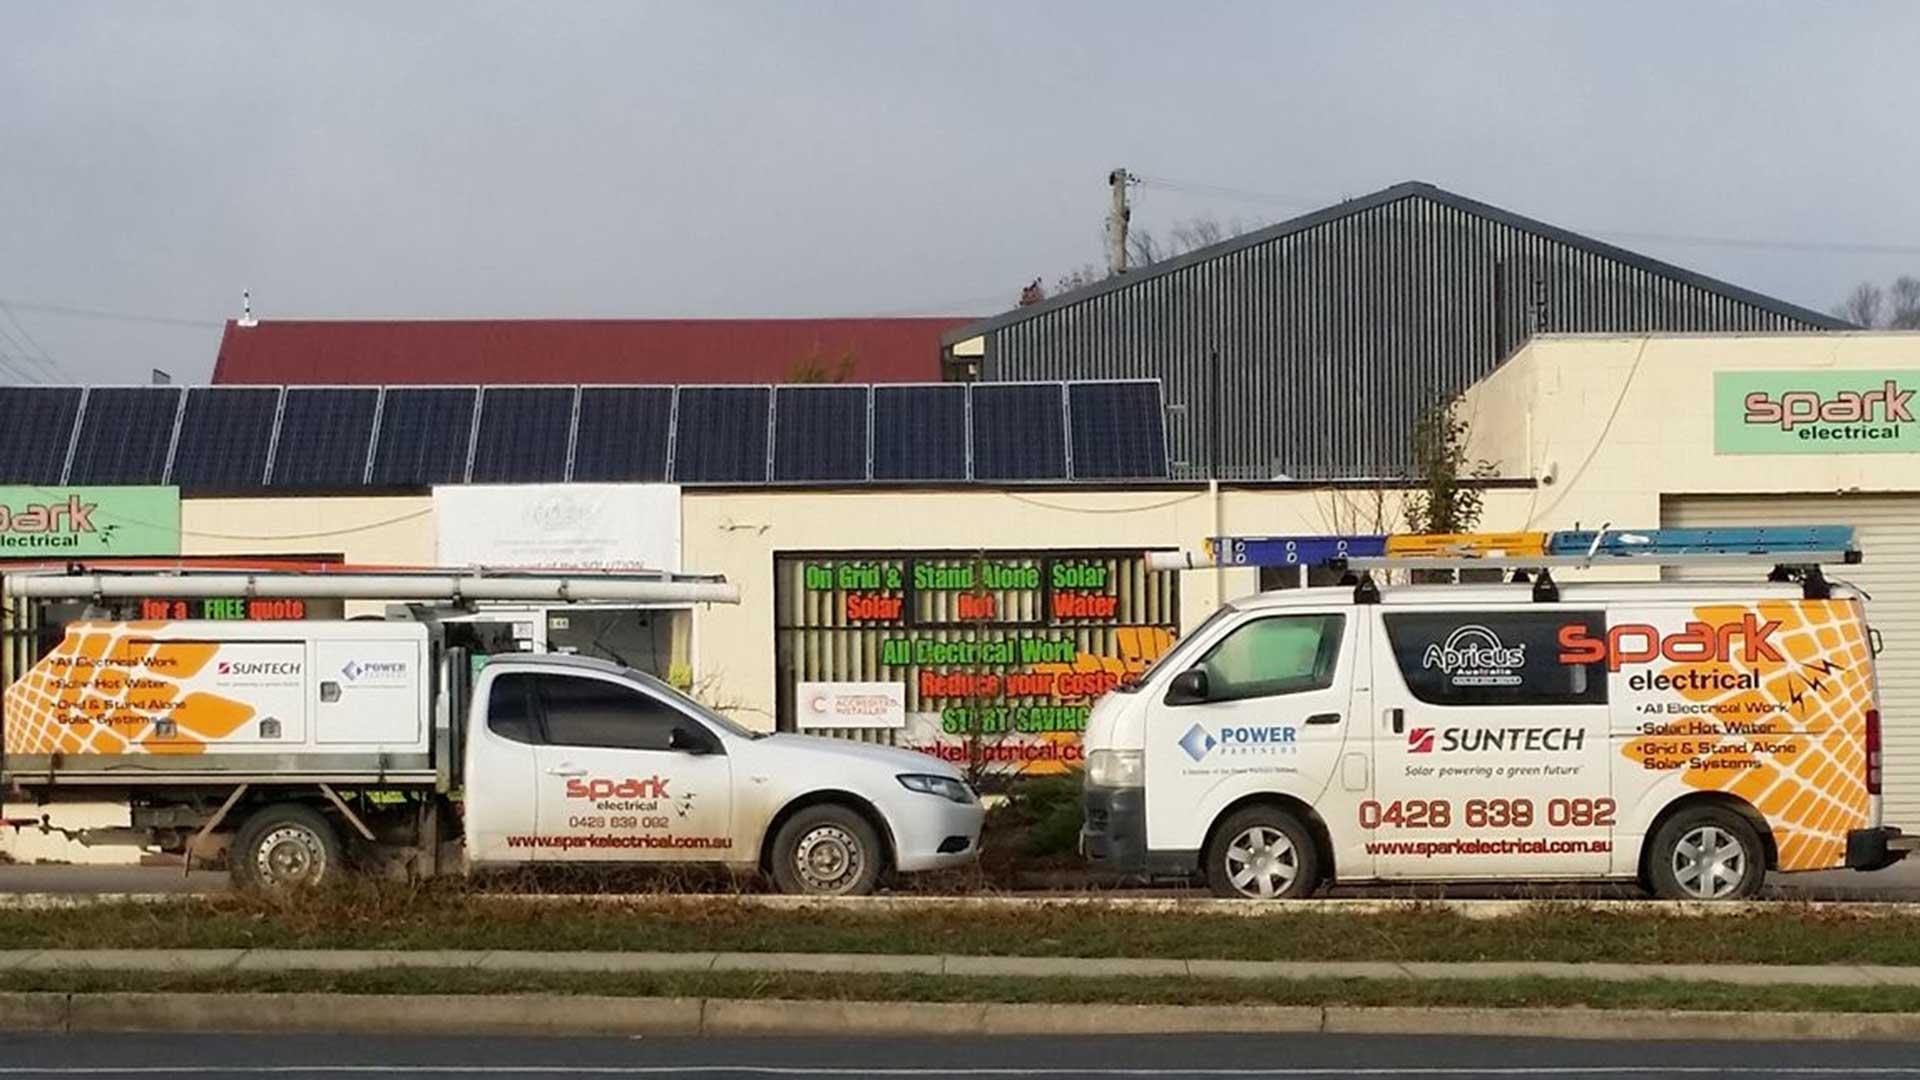 Business - Spark Electrical Oberon | Visit Oberon